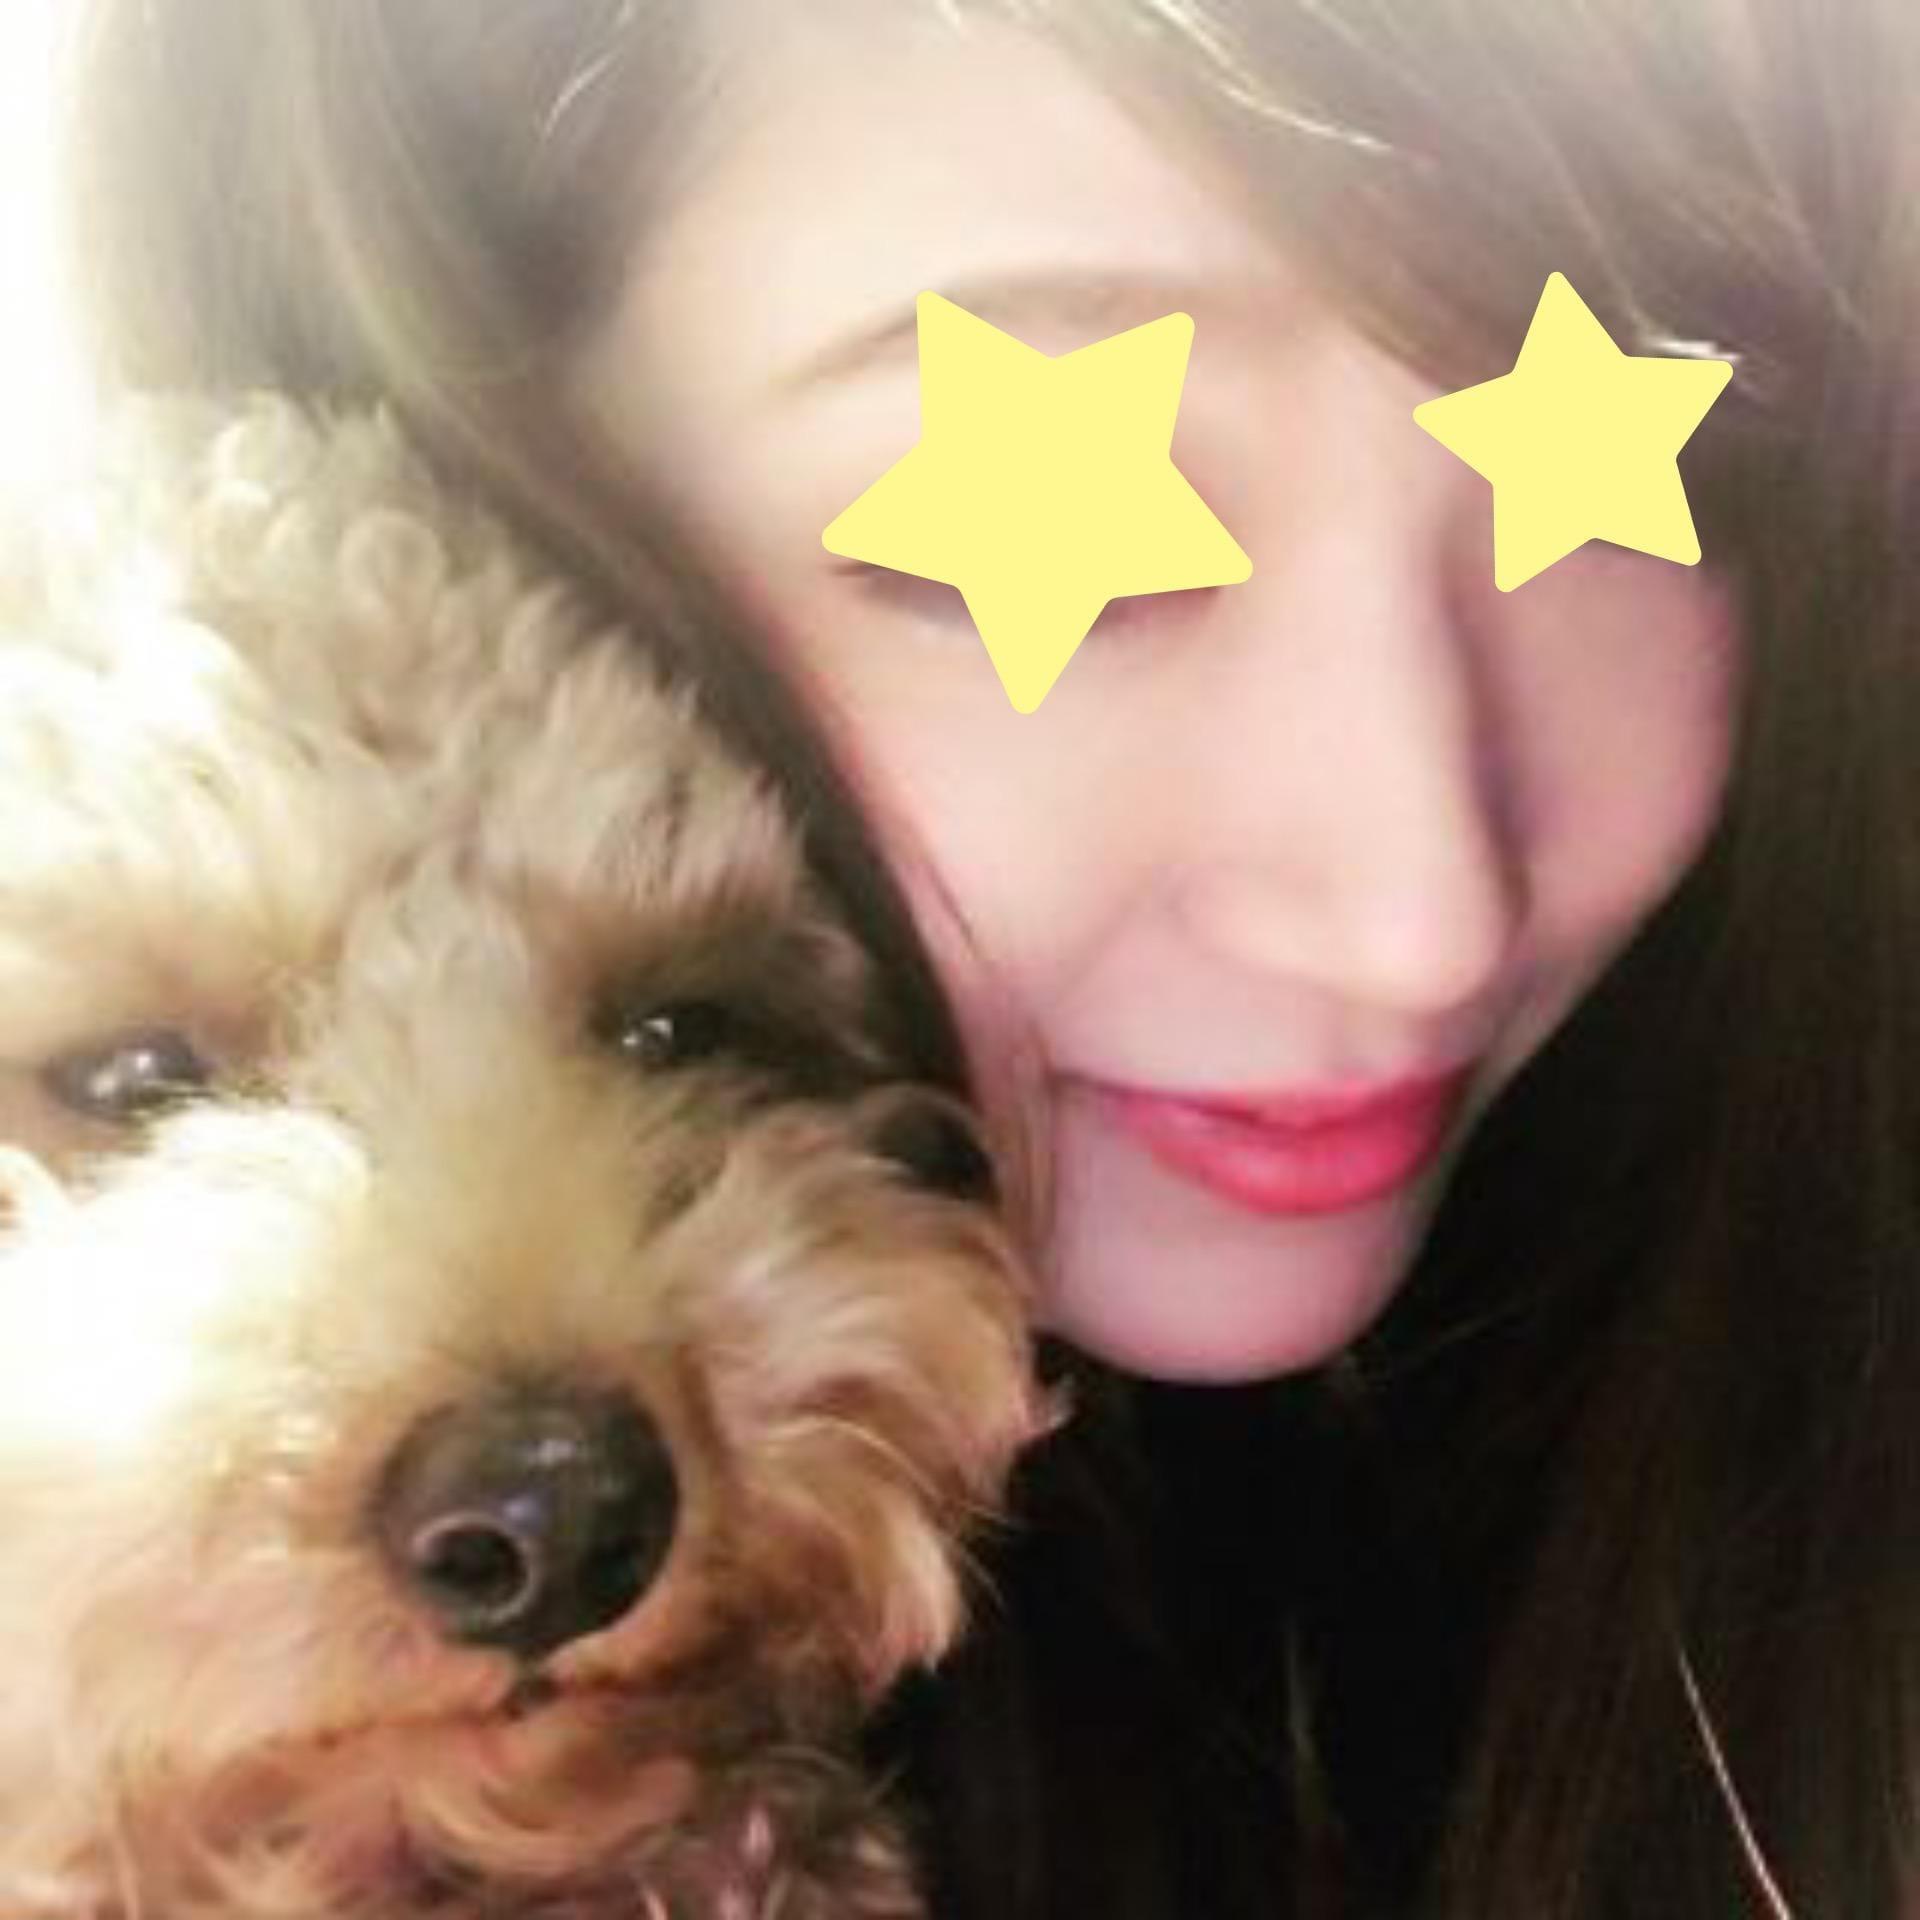 遥-はるか-「ありがとう」05/24(金) 11:05 | 遥-はるか-の写メ・風俗動画